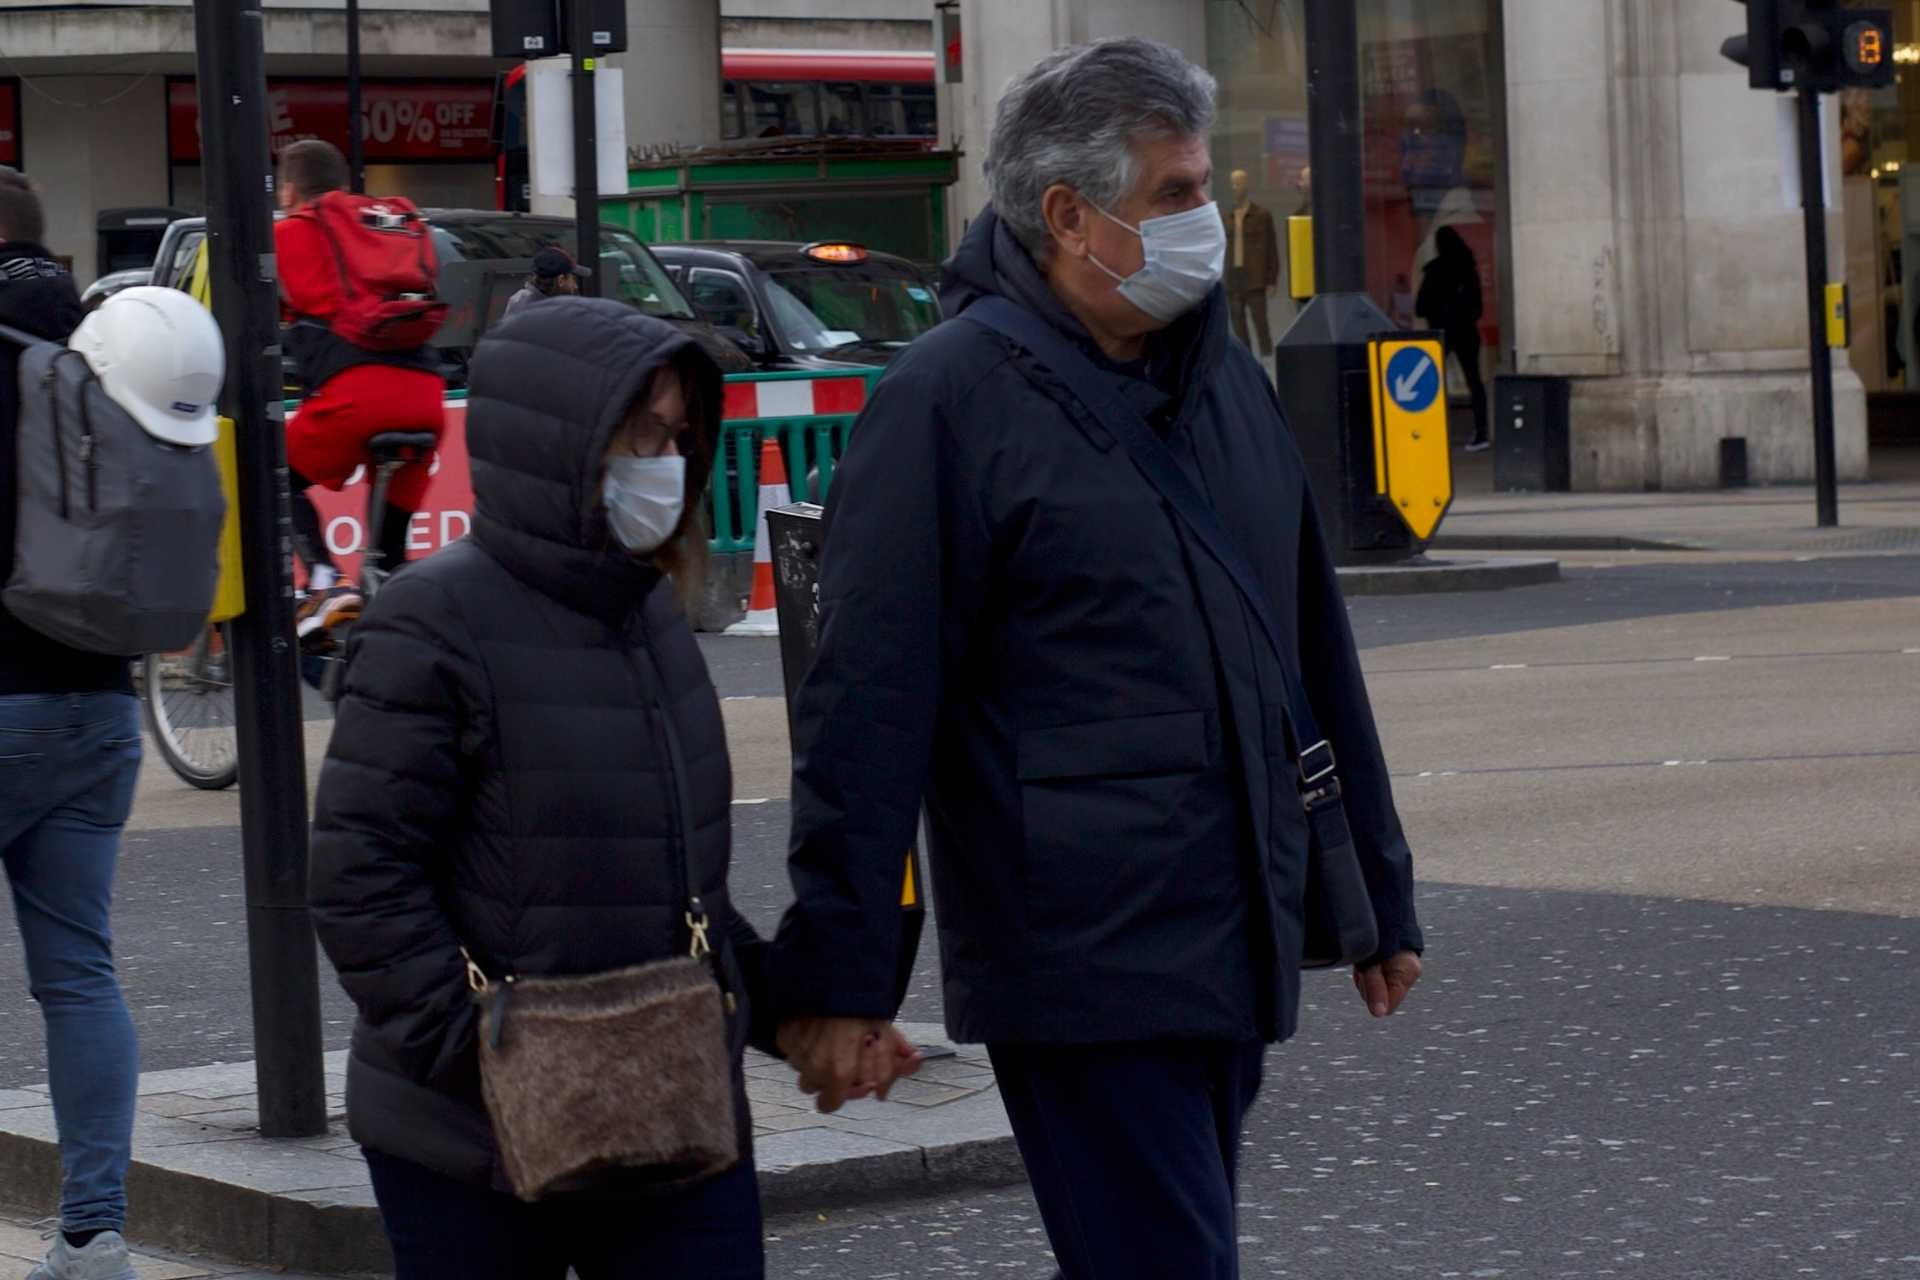 İngiltere'de koronavirüs (Kovid-19) salgını yüzünden yüzlerinden maske ile dolaşan ve el ele tutuşmuş bir erkek ve bir kadın.